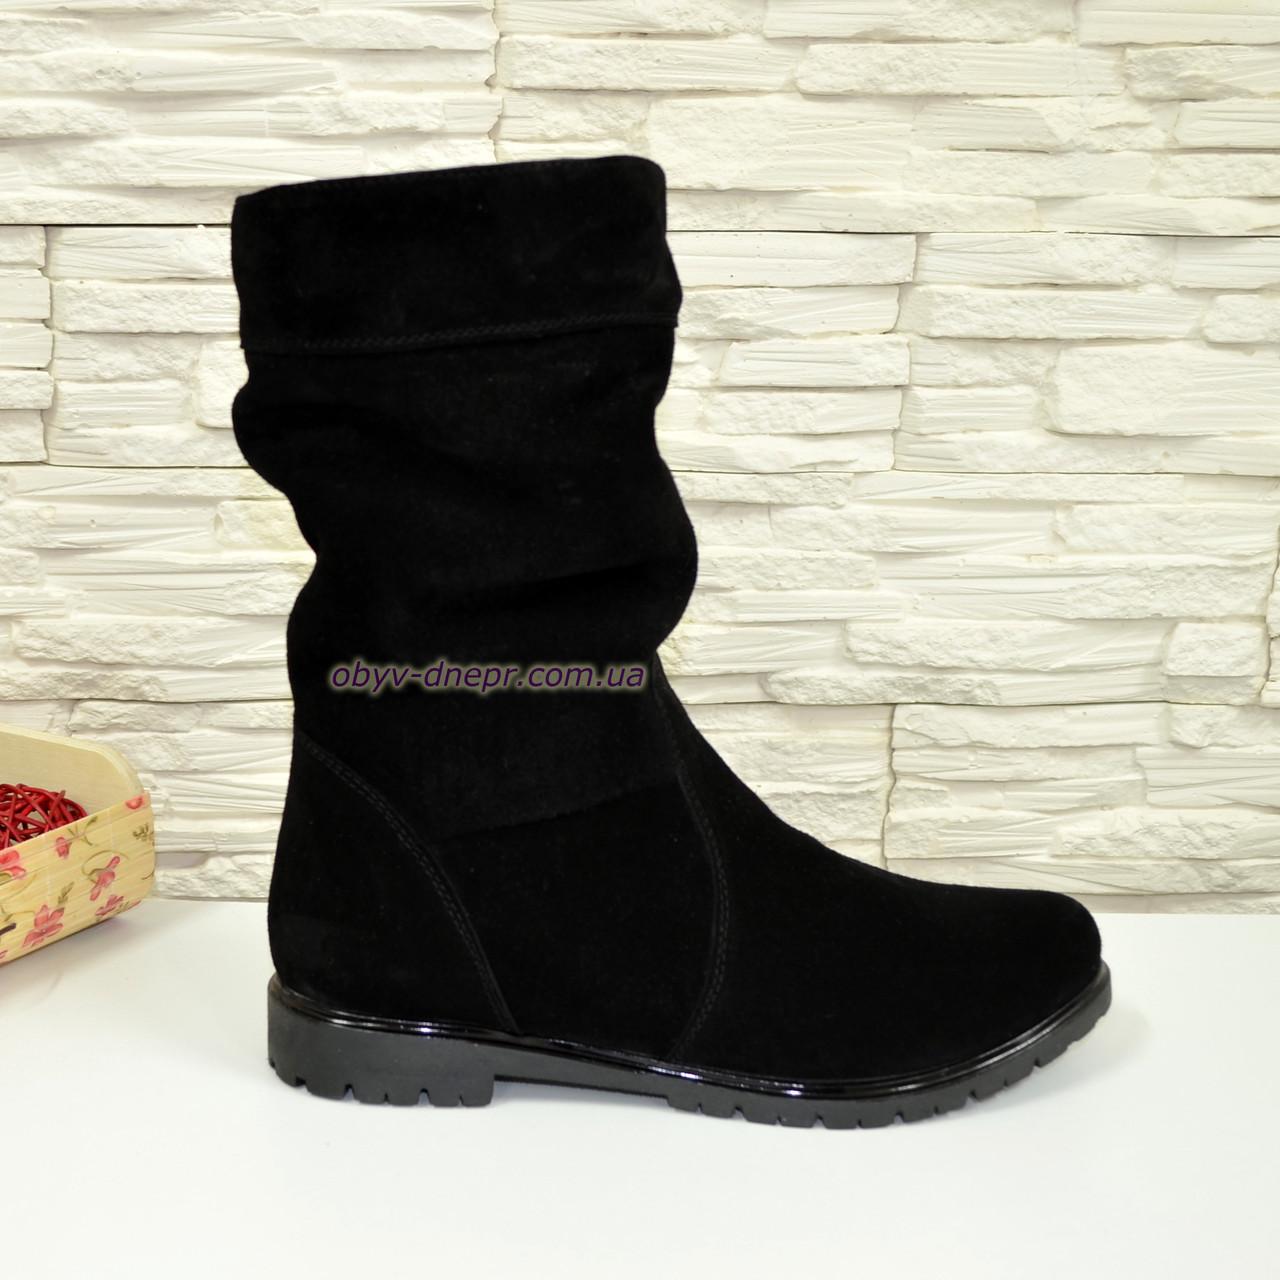 """Женские   черные ботинки замшевые. ТМ """"Maestro"""""""